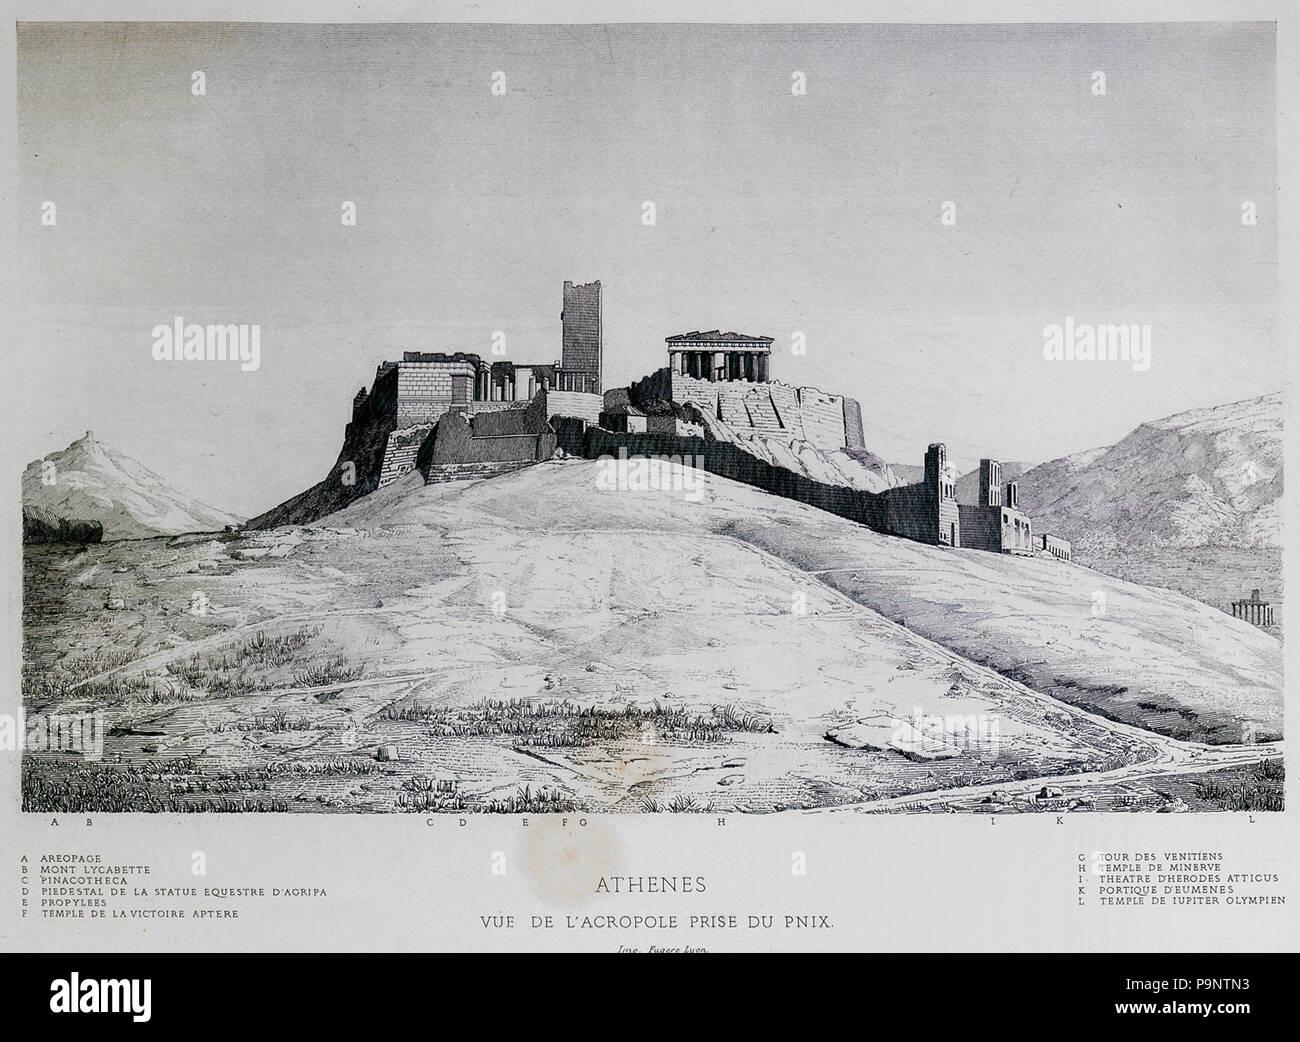 164 Athènes Vue de l'Acropole prise du Pnix - Chenavard Antoine-marie - 1857 Stock Photo